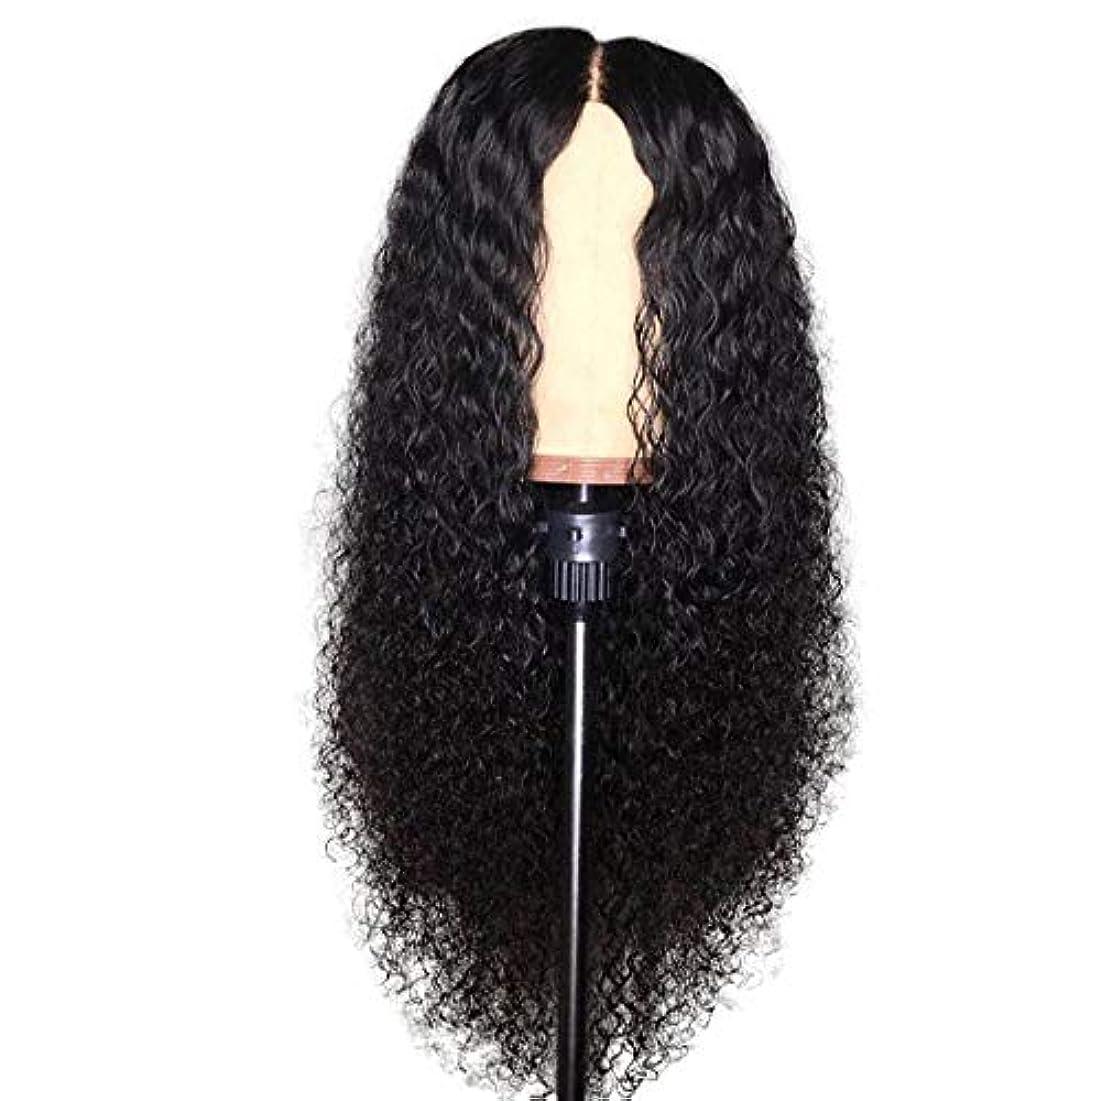 無駄マーチャンダイザー壮大なカーリー人間の髪の毛のかつらナチュラルカラー漂白ノットブラジル人のremyかつら人間の髪の毛の前髪かつら事前に吹かれたかつら,8